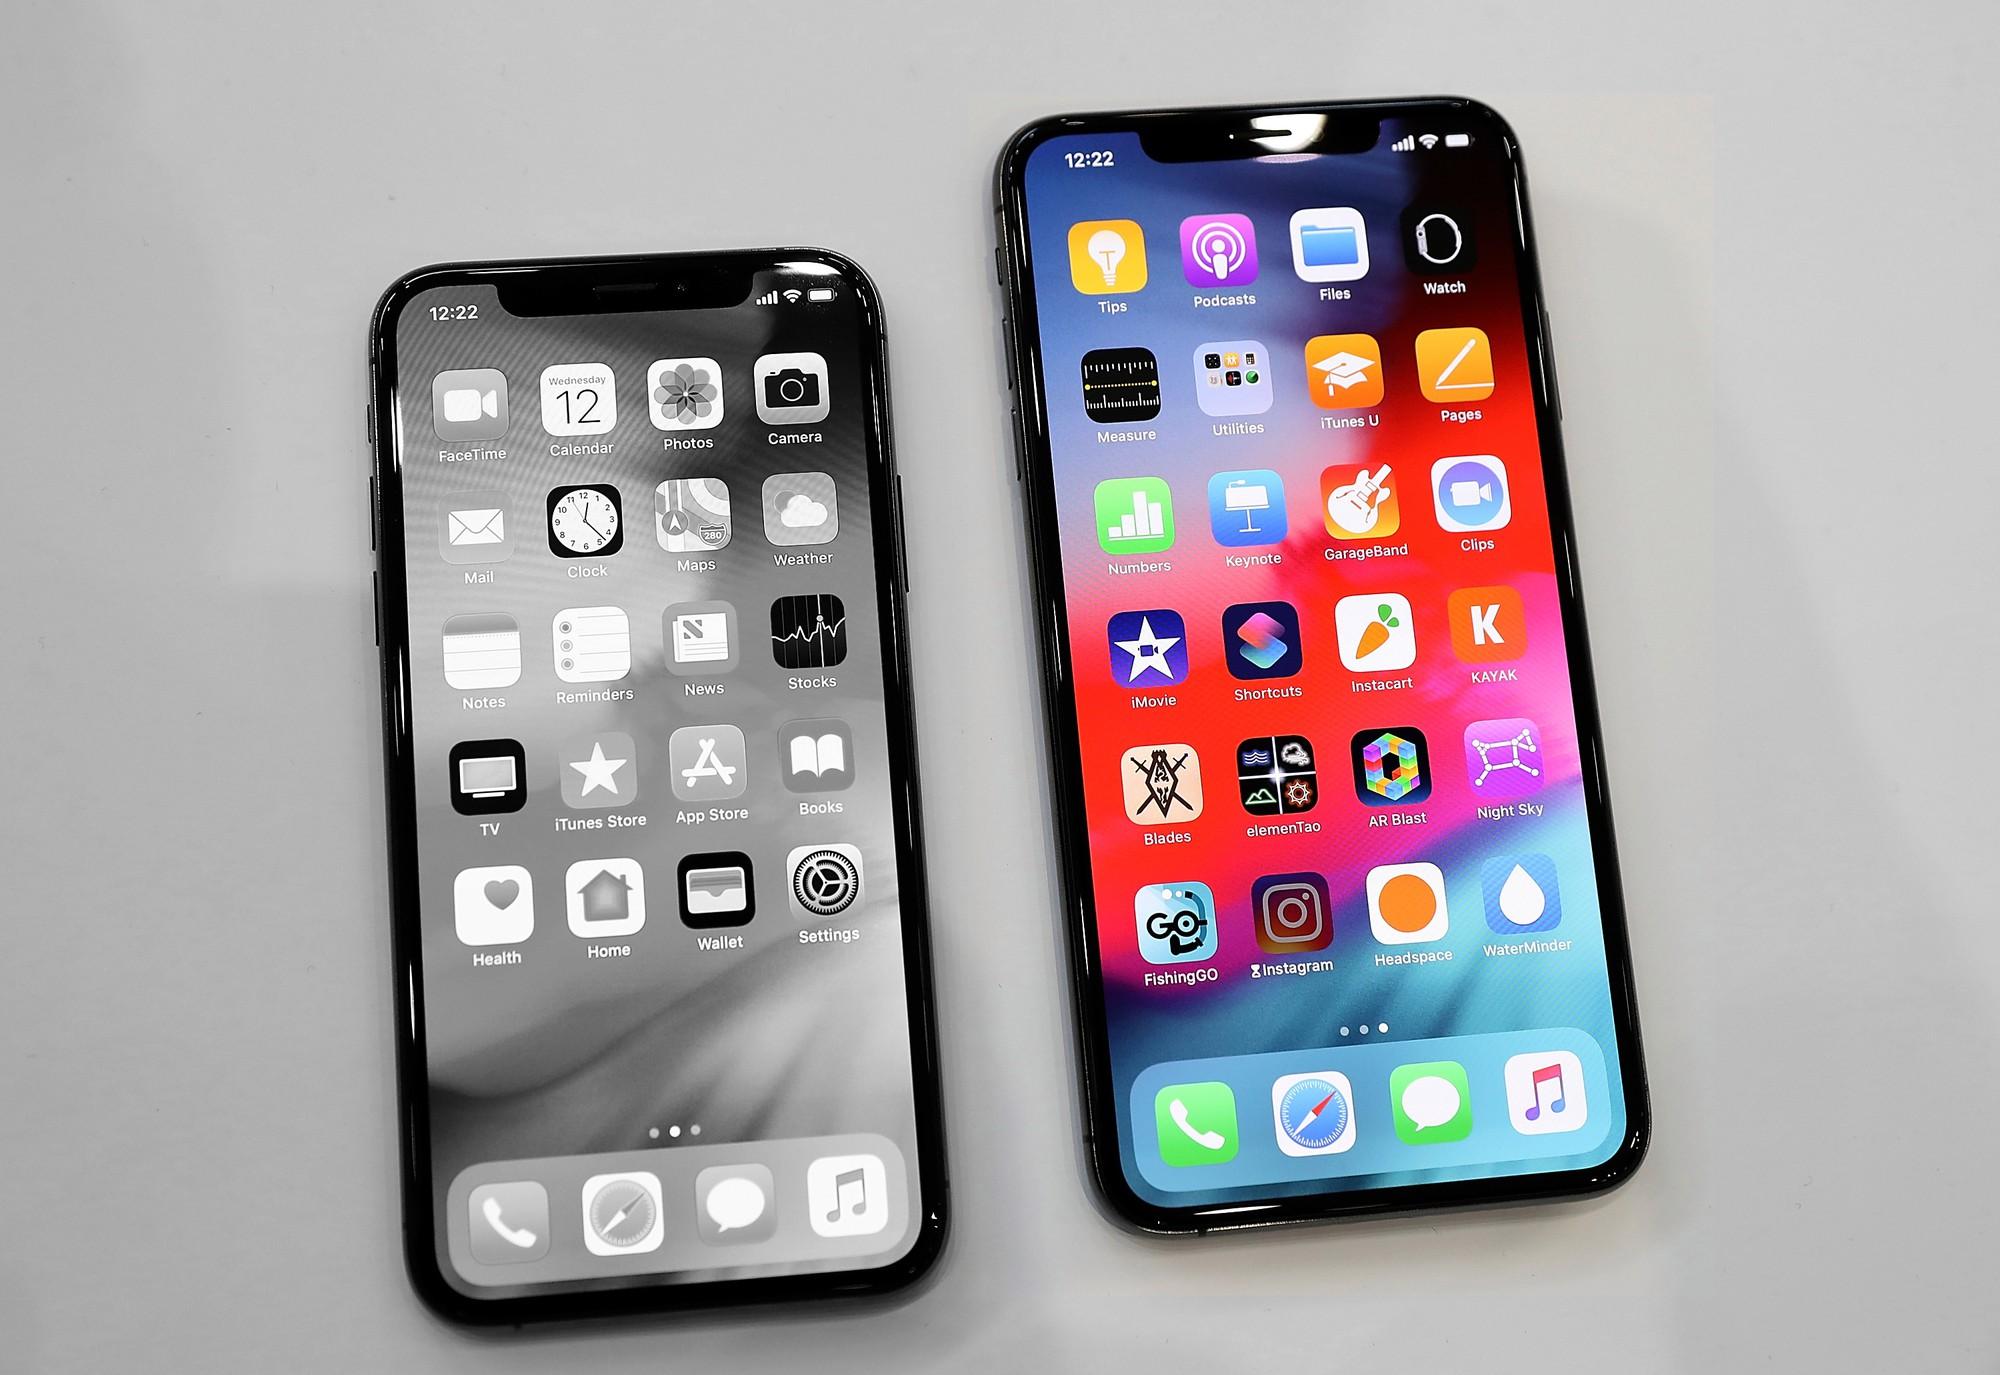 Cụt hứng vì iPhone XI có thể đắt hơn do căng thẳng Mỹ-Trung, bất đắc dĩ tăng cả vài triệu - Ảnh 1.